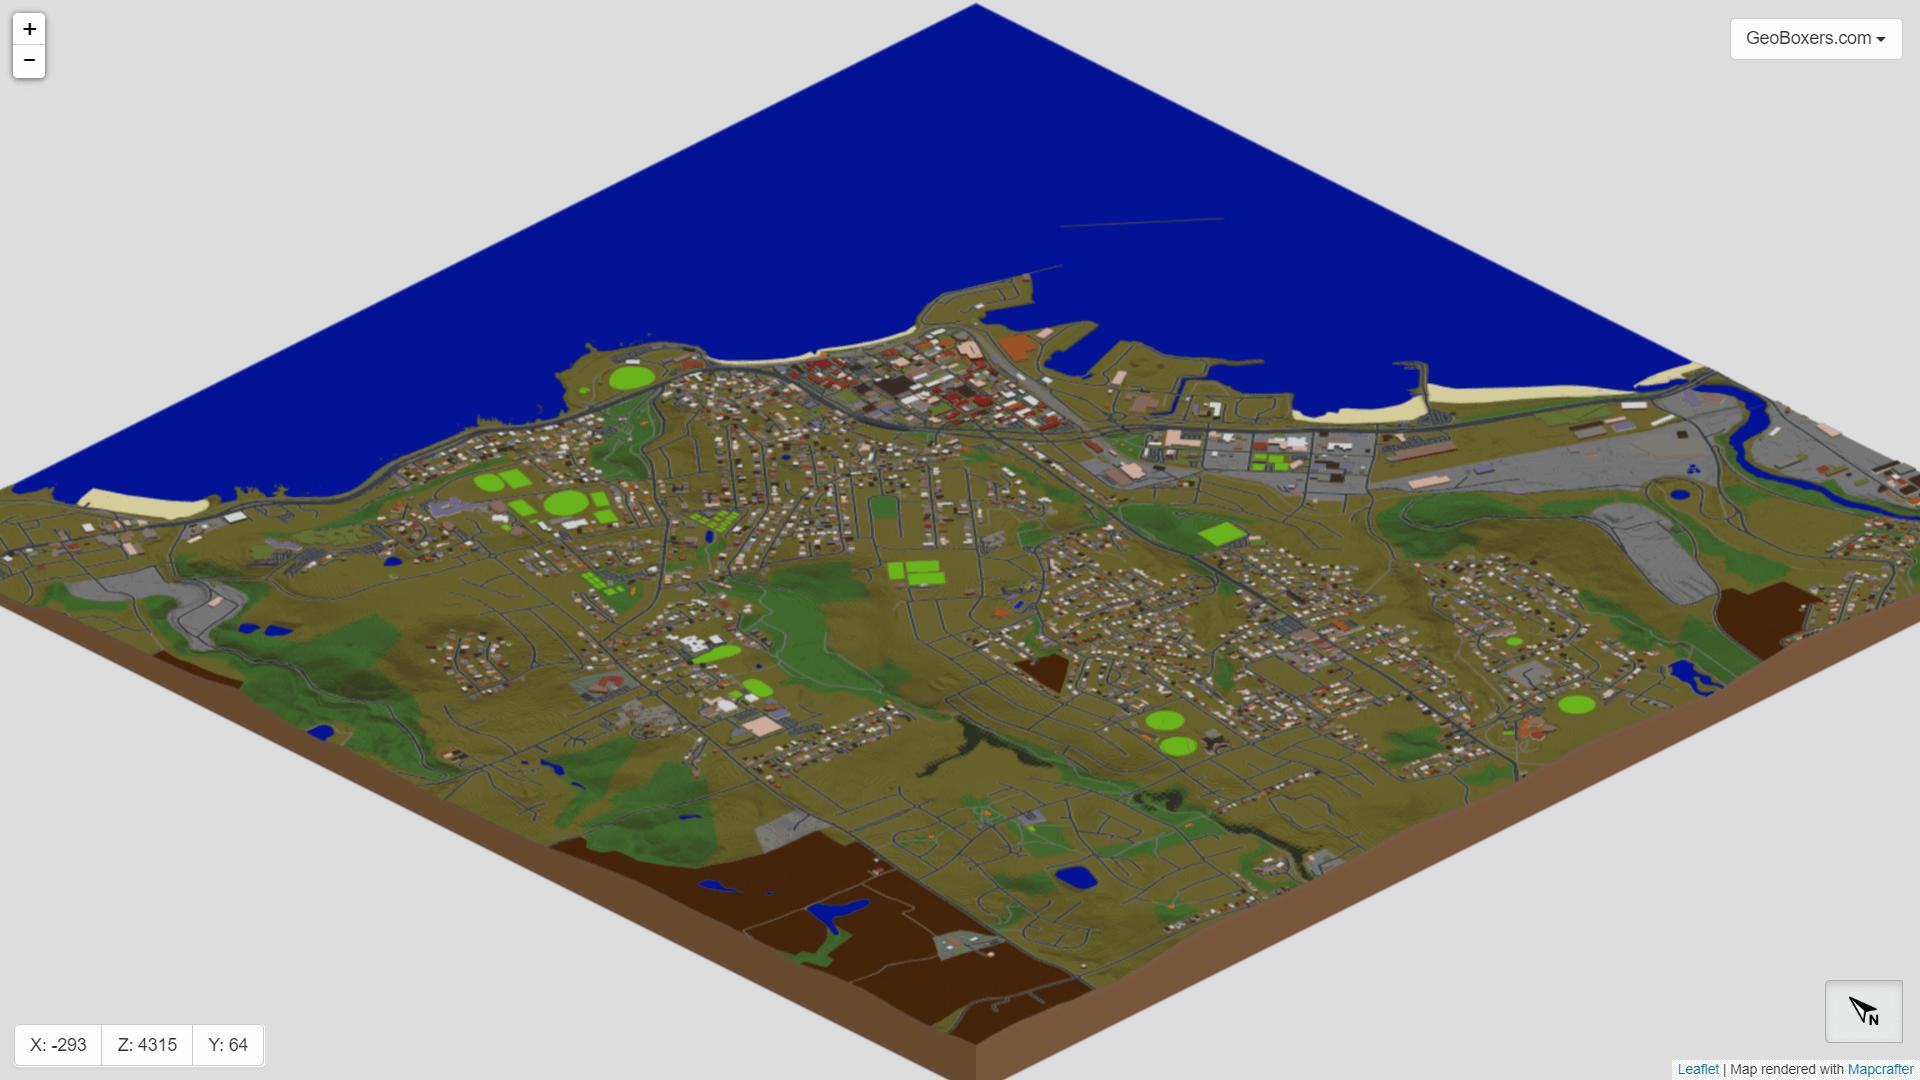 Overview of Burnie in Minecraft